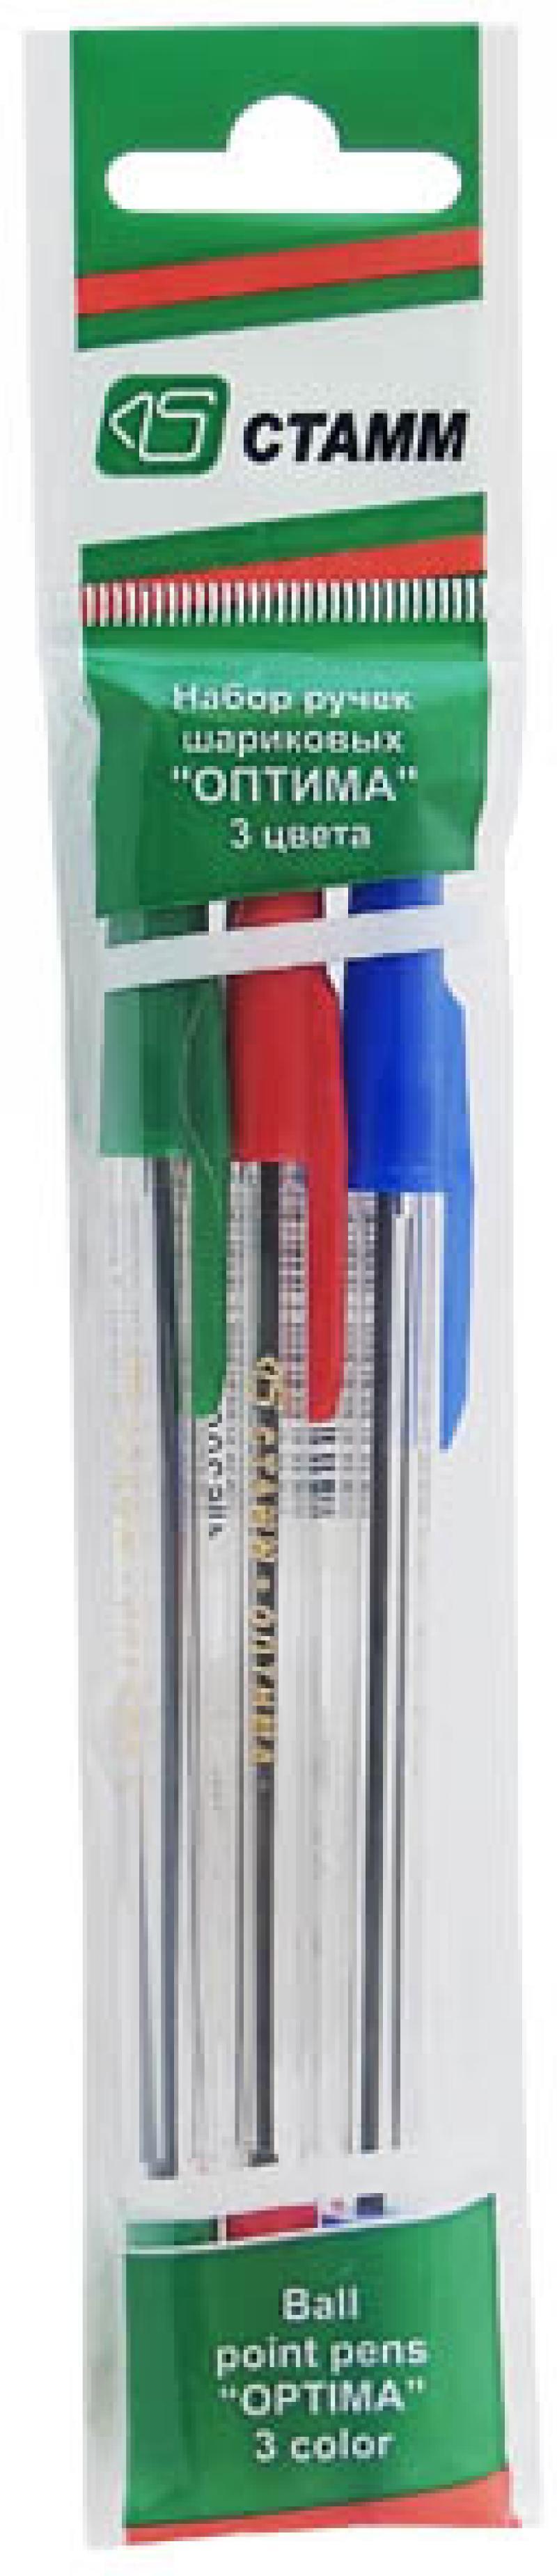 Набор шариковых ручек СТАММ РО06 3 шт разноцветный 1 мм РО06 набор фломастеров стамм карапуз 3 мм 6 шт разноцветный ф301 ф301